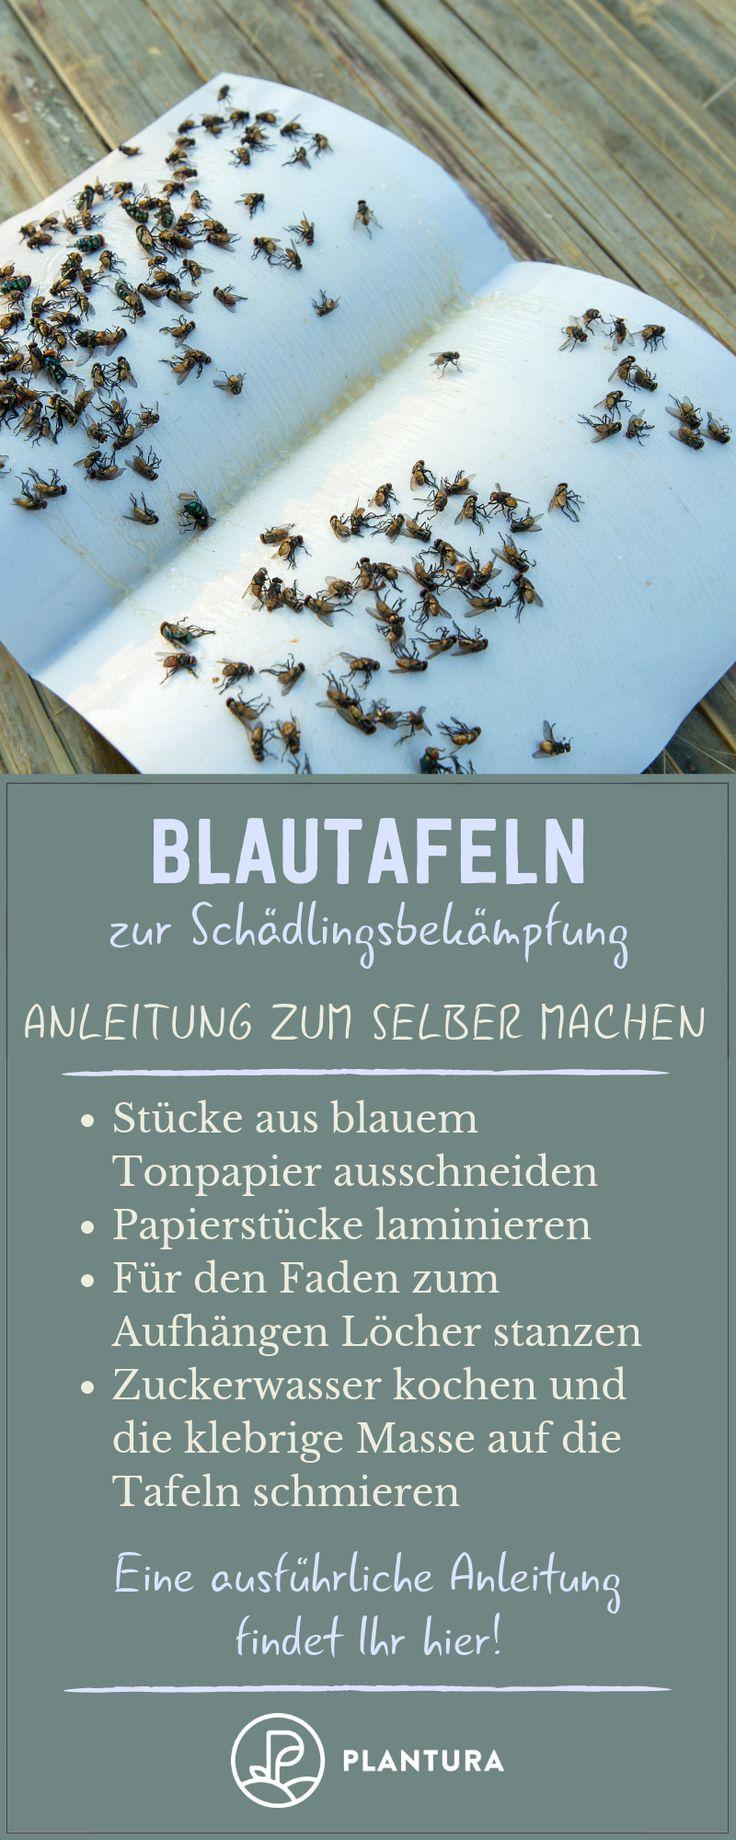 Blautafeln zur Schädlingsbekämpung: Anleitung zum selber machen! Mithilfe von …